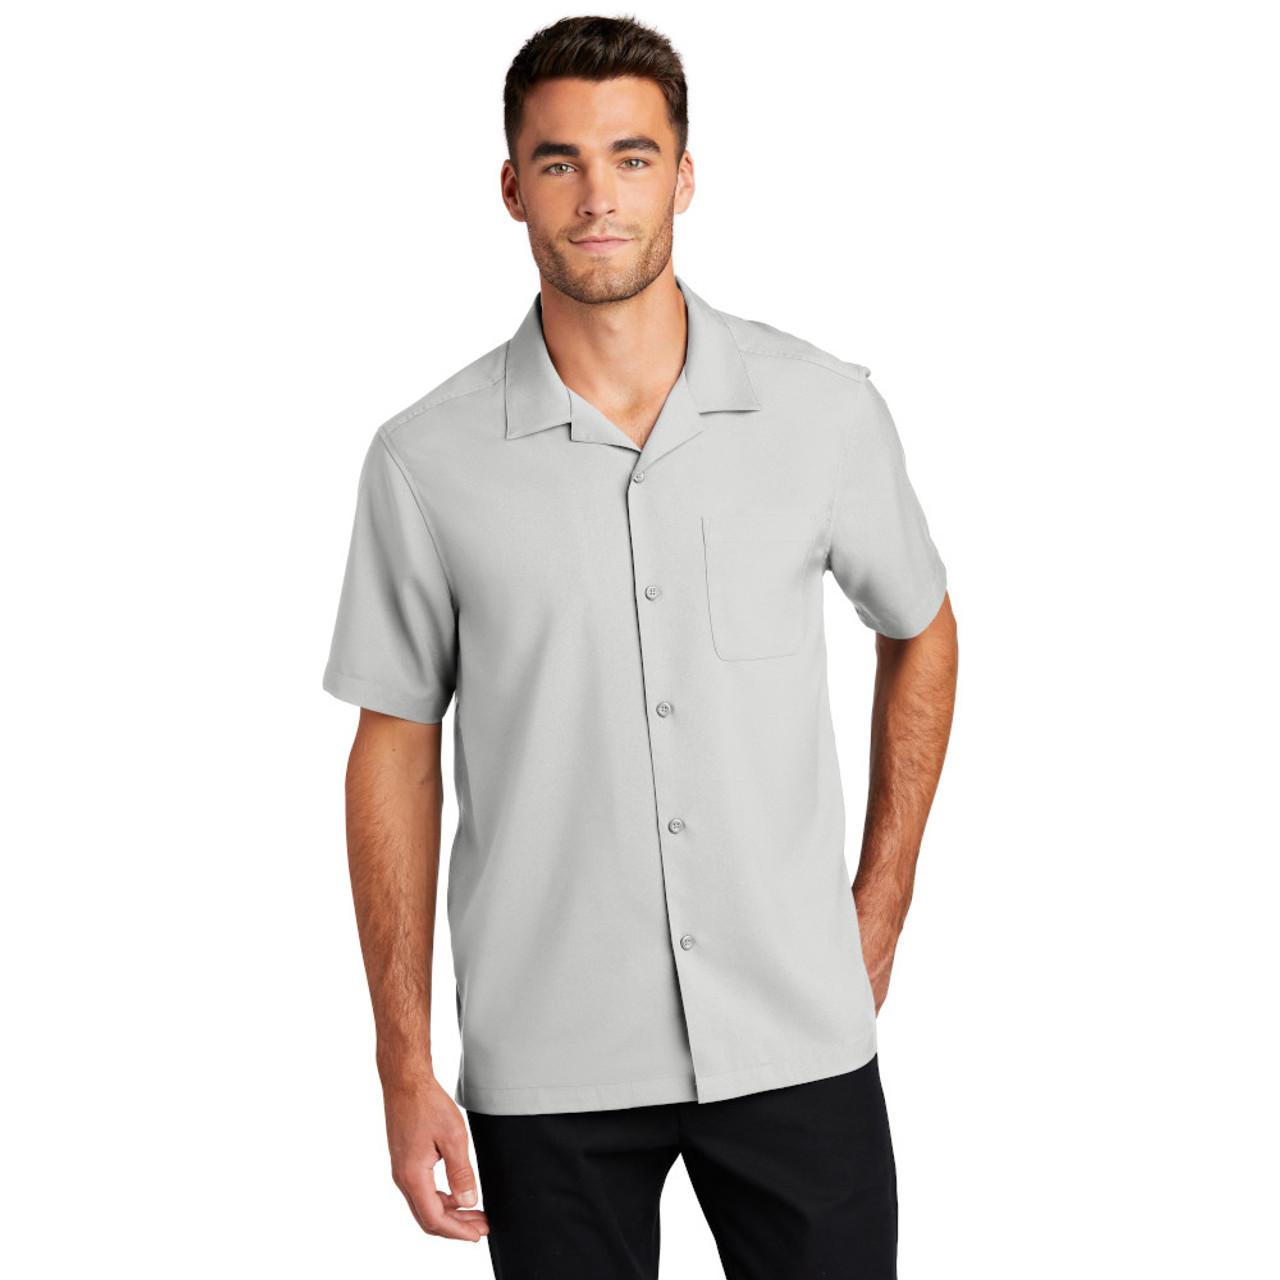 Men's Short Sleeve Performance Staff Shirt